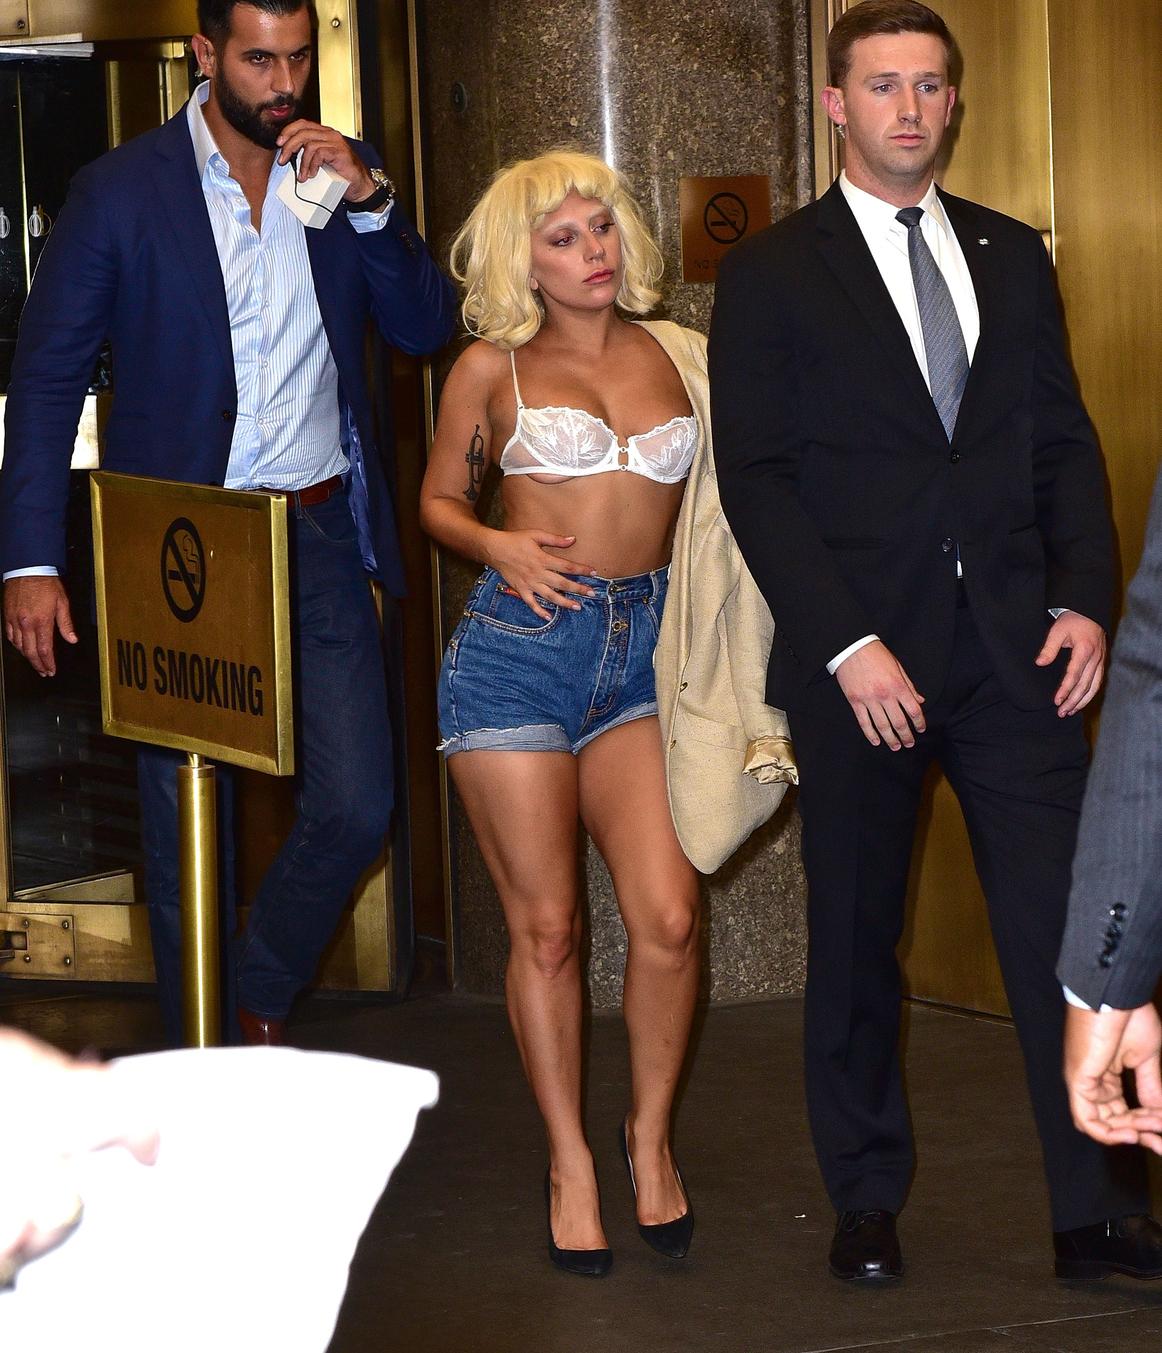 Az énekesnő egy szál melltartóban távozott a hotelből. (Fotó: GC Images)